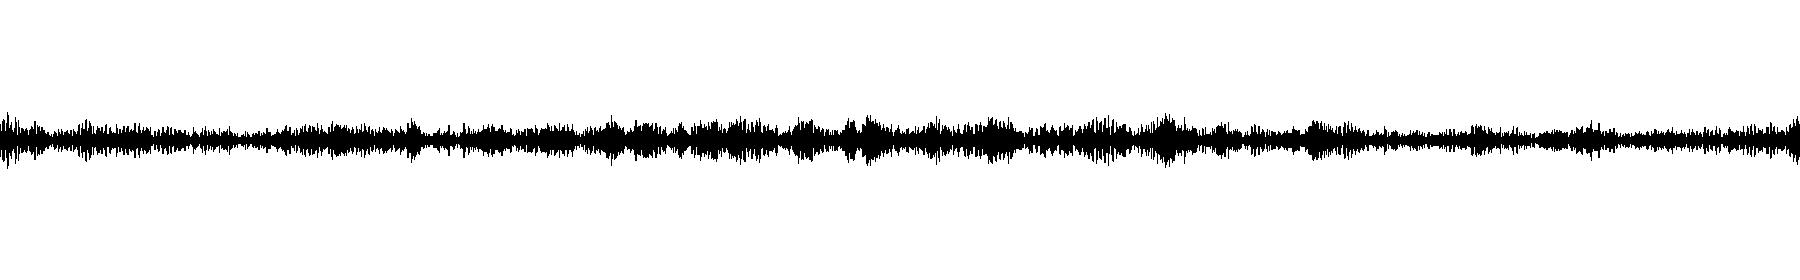 195507 ambient loop1 wav